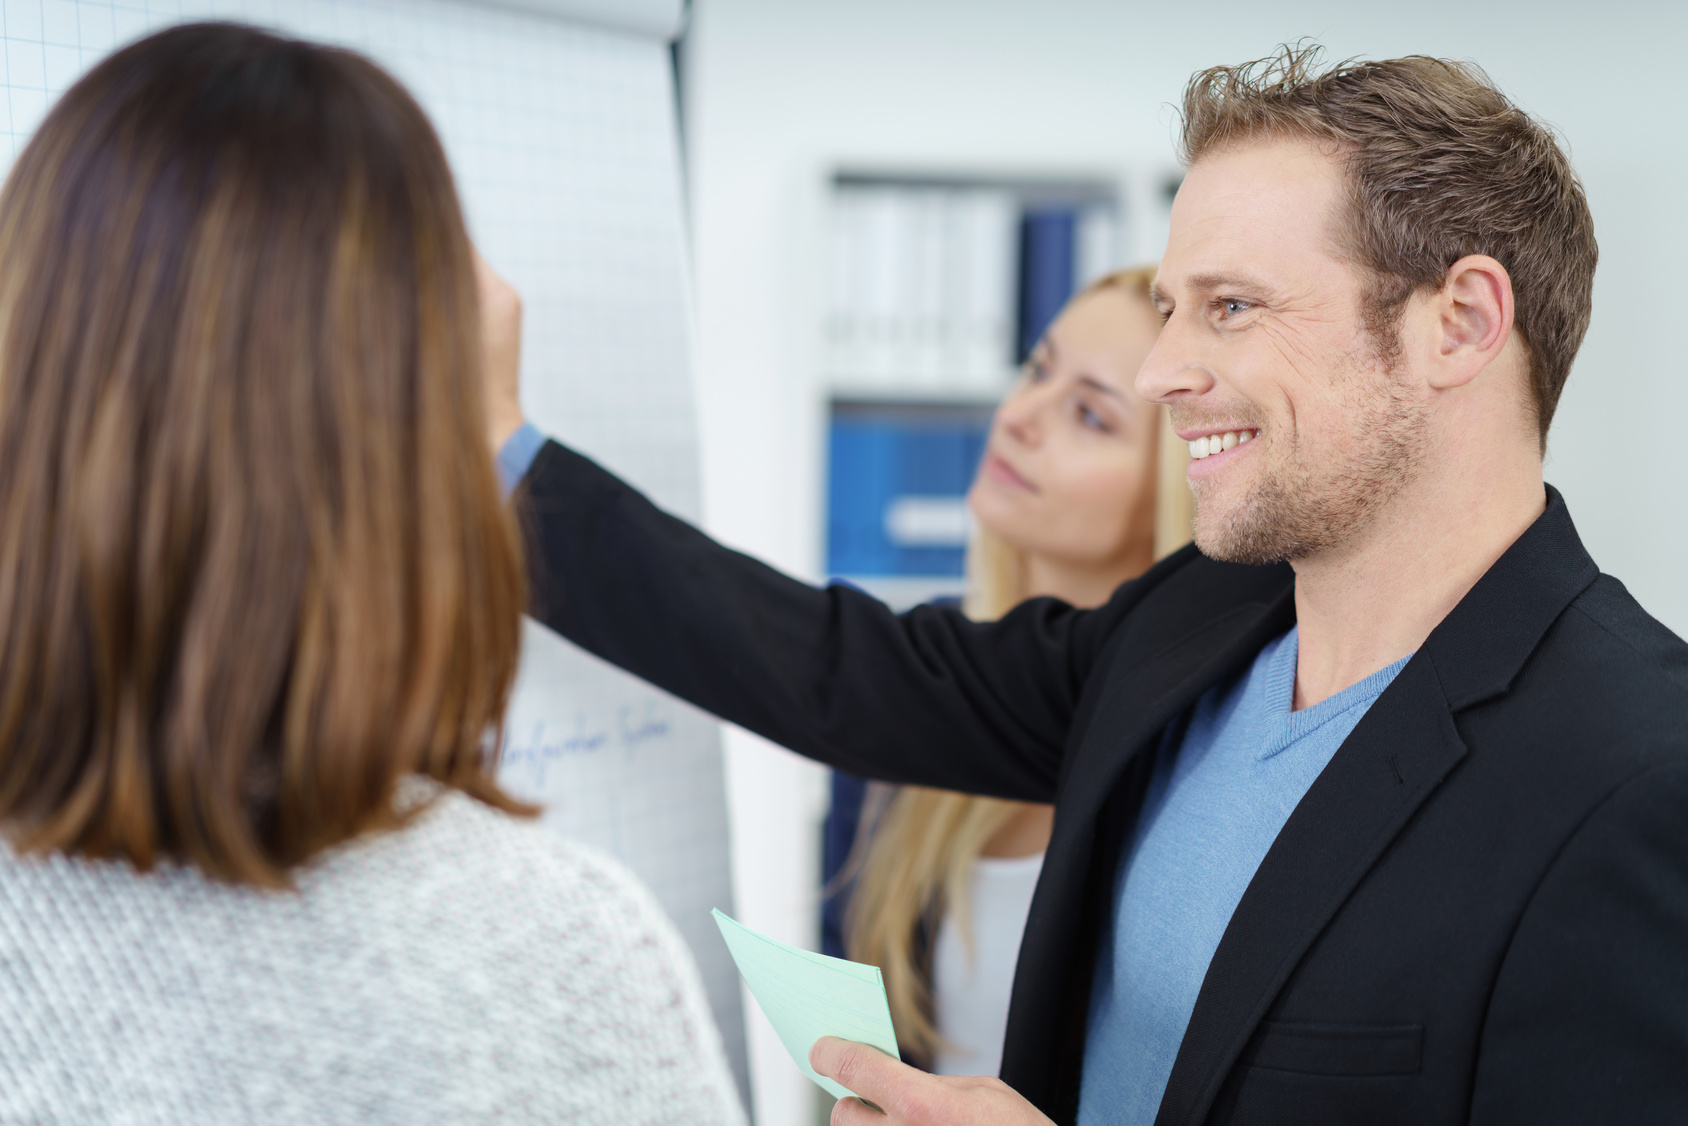 Erfolgreiche Verhaltensoptimierung – das müssen Sie wissen